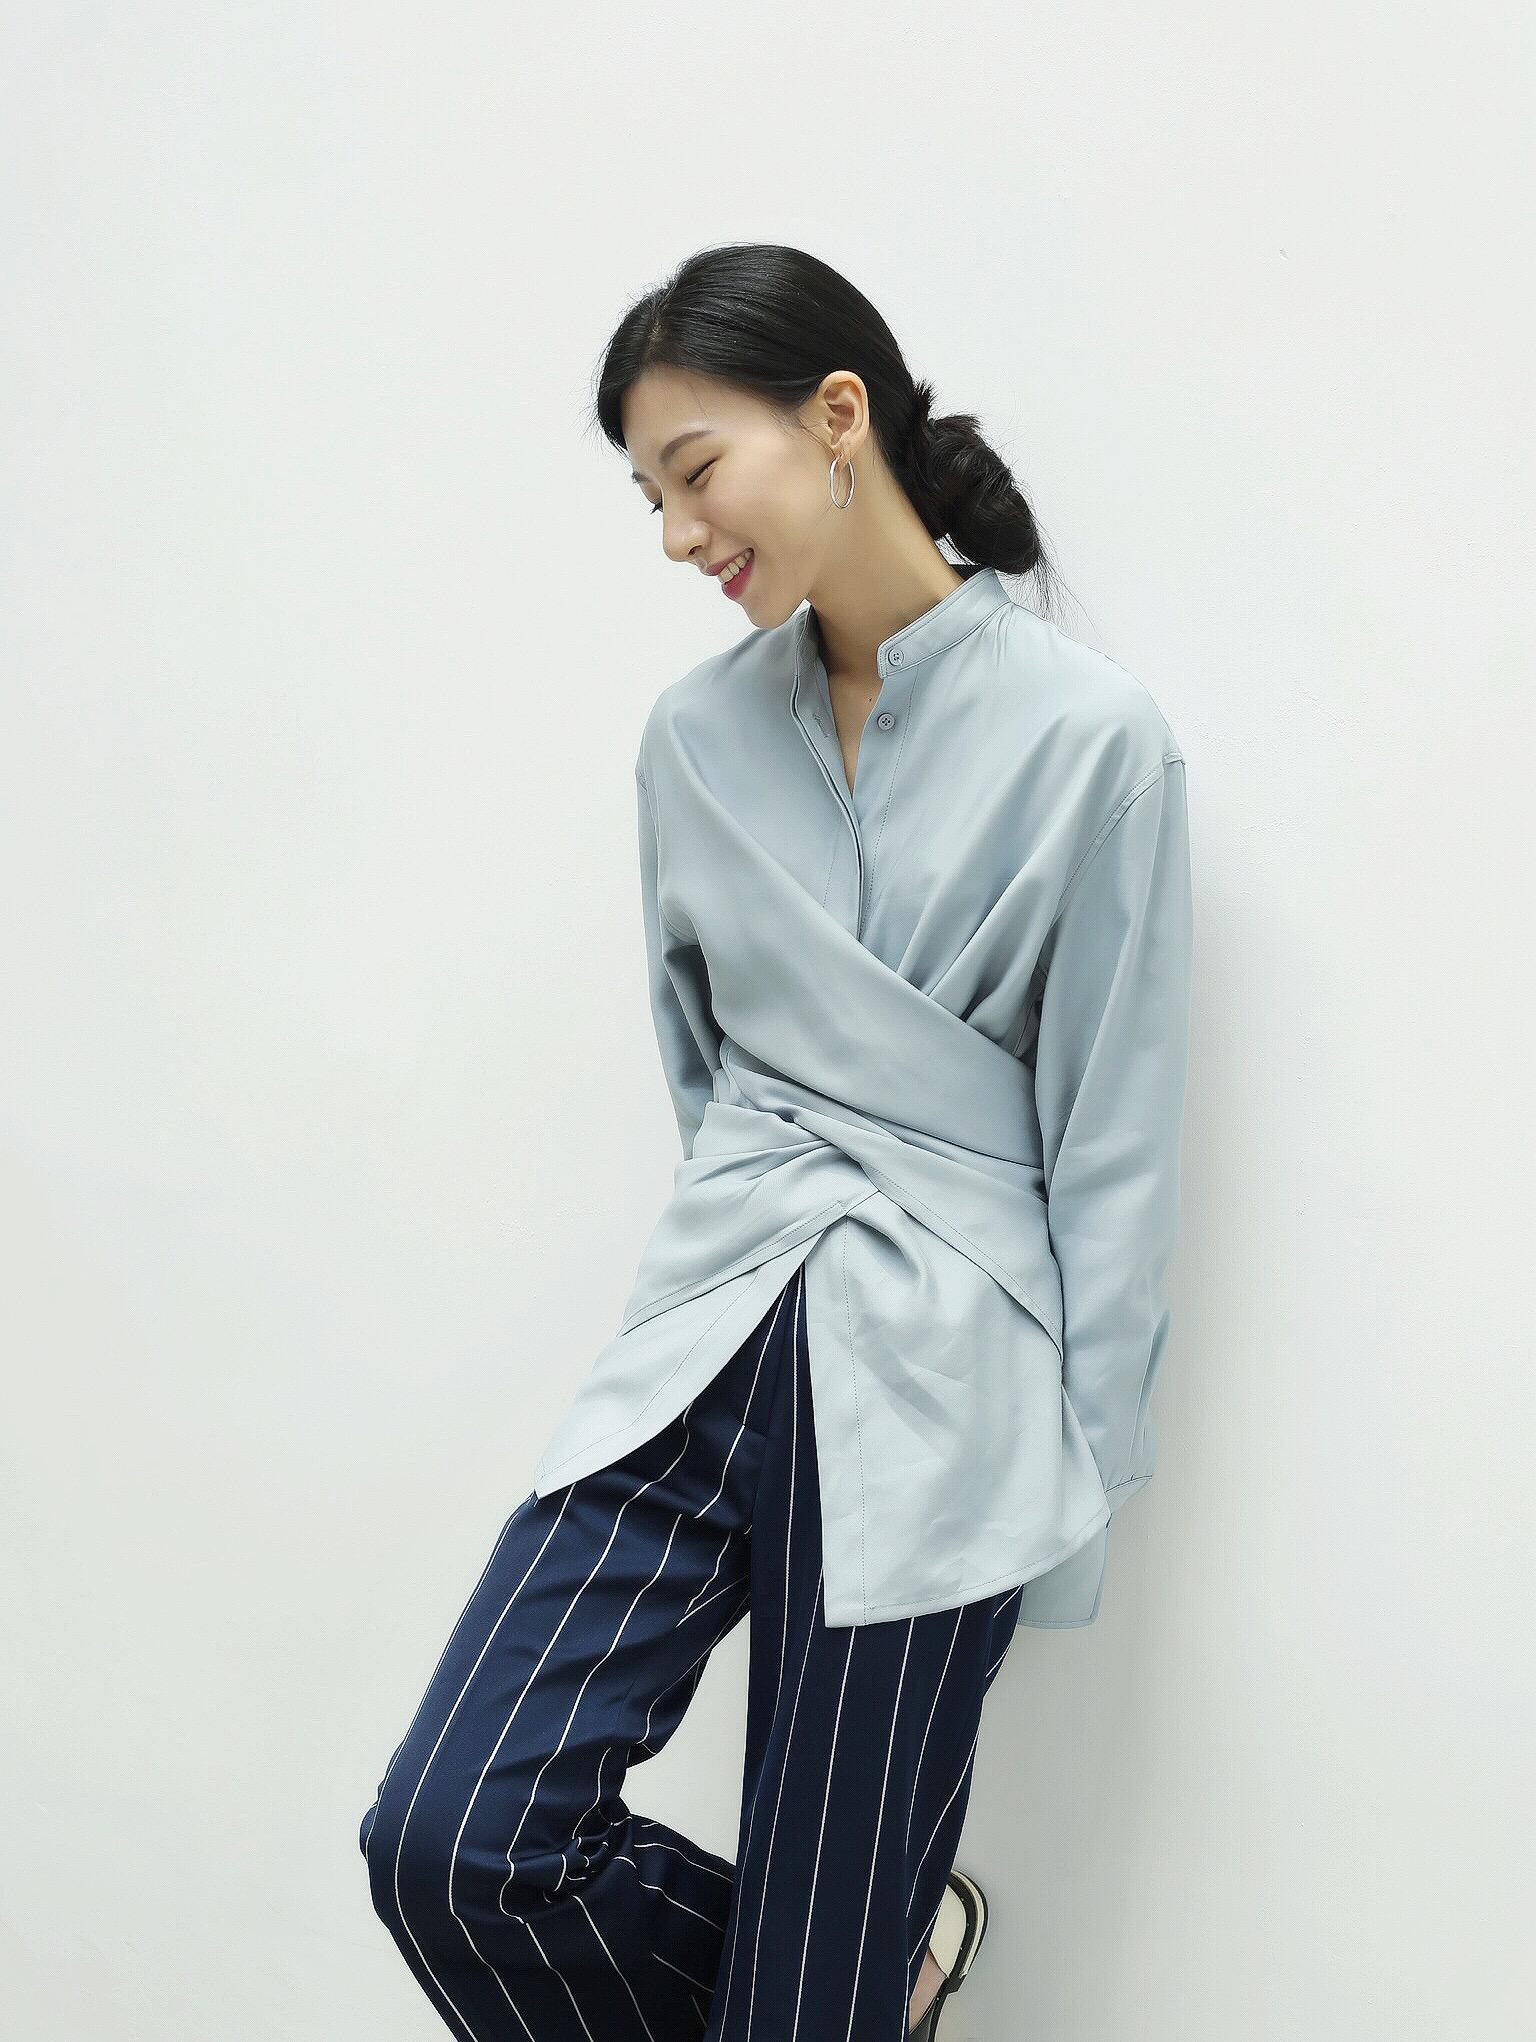 法式衬衫 MISSWU独家自制 灰蓝白色 多穿法设计款衬衫女 交叉绑带随性大气_推荐淘宝好看的女法 衬衫